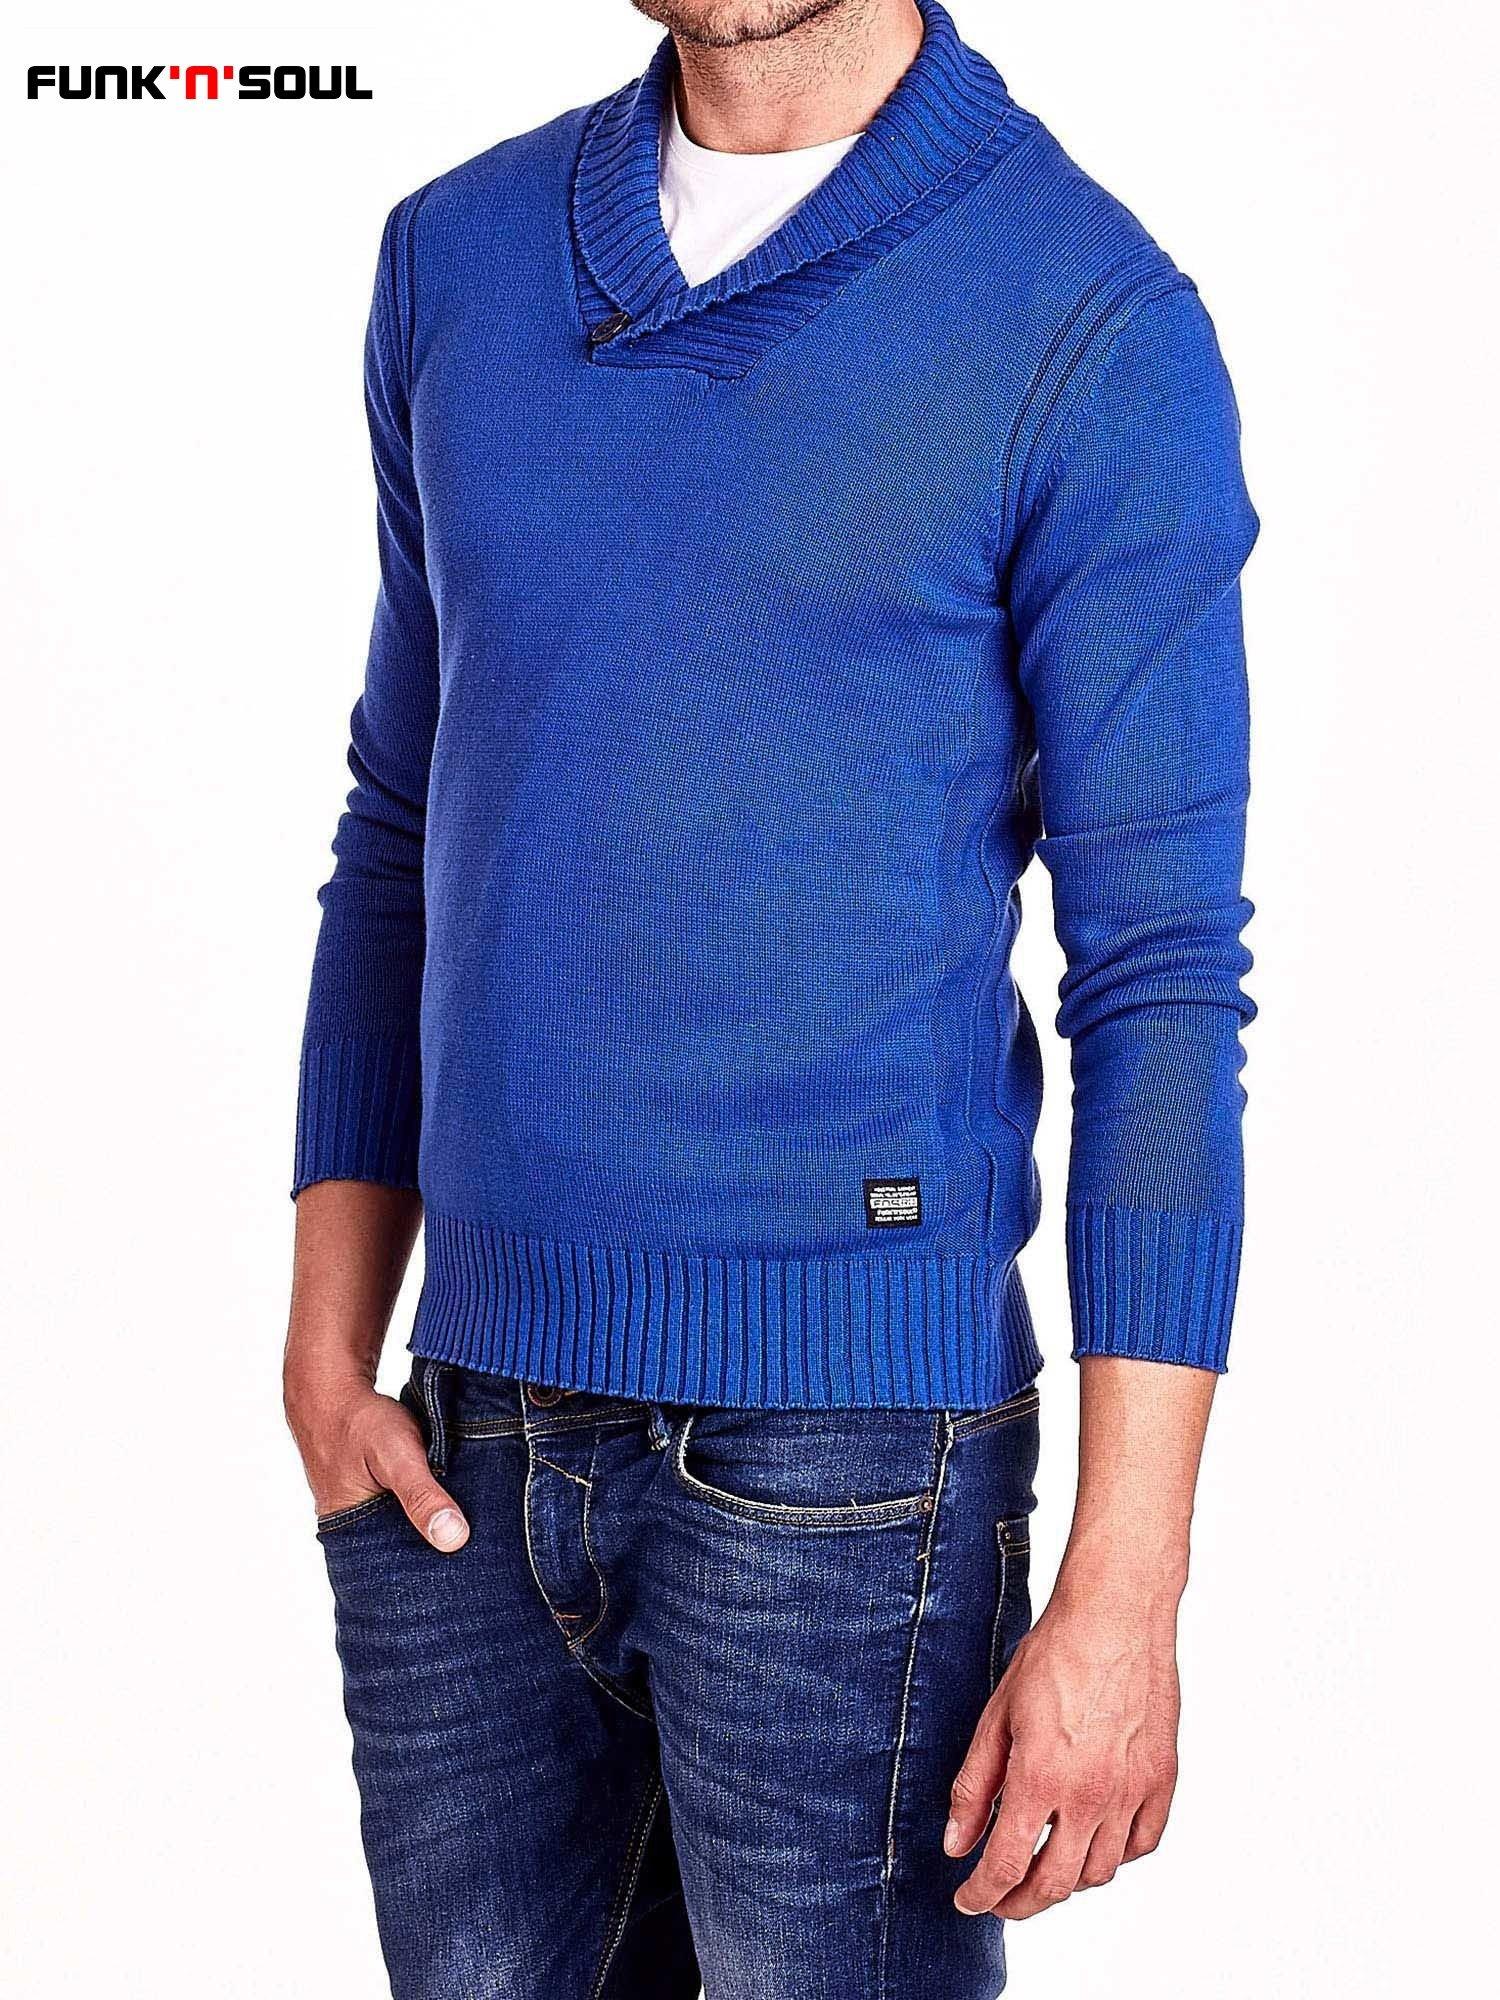 Niebieski sweter męski z kołnierzykiem FUNK N SOUL                                  zdj.                                  4